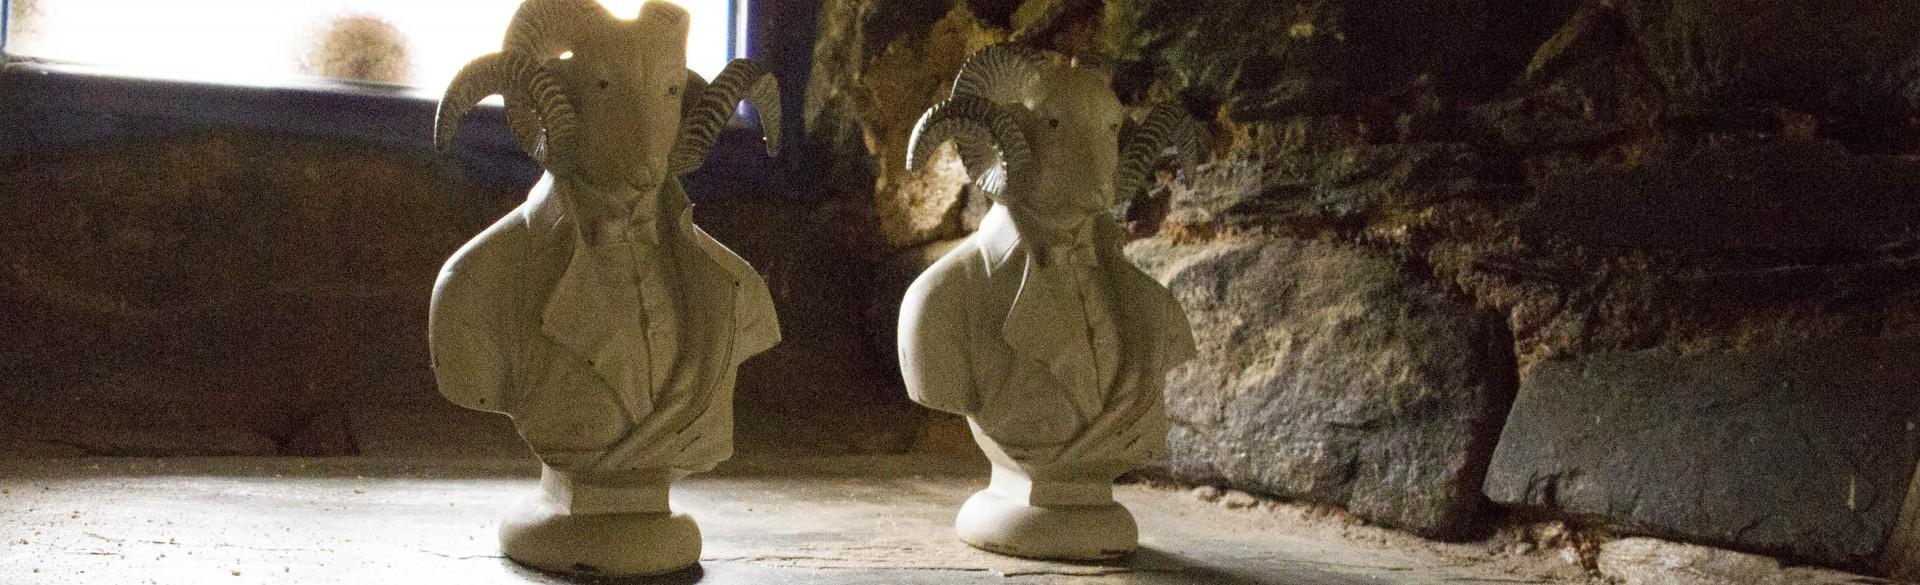 Casa da Ribeira - Aldeia de Camelo